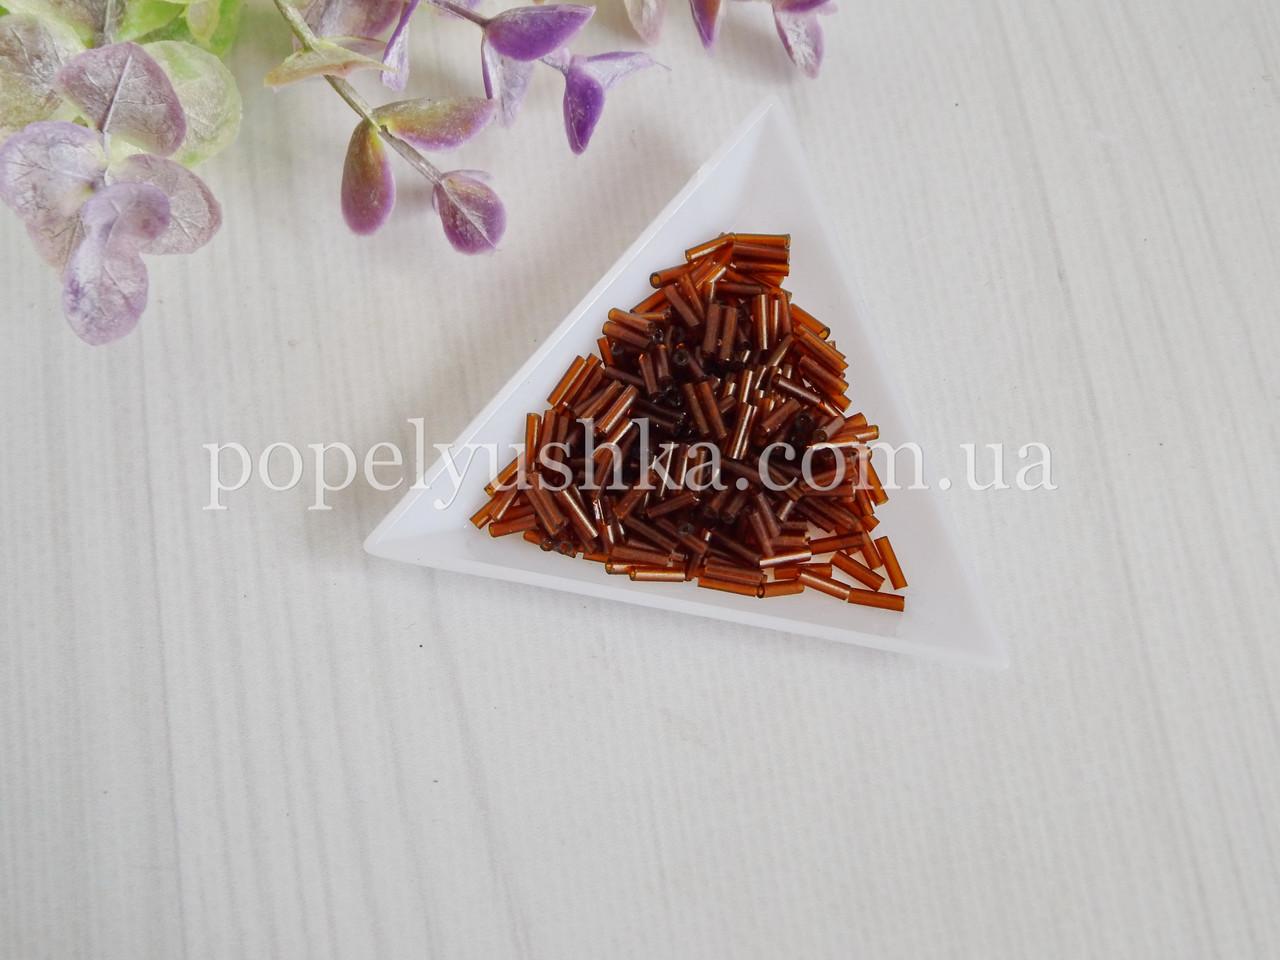 Бісер китайський рубка склярус 7 мм коричневий прозорий